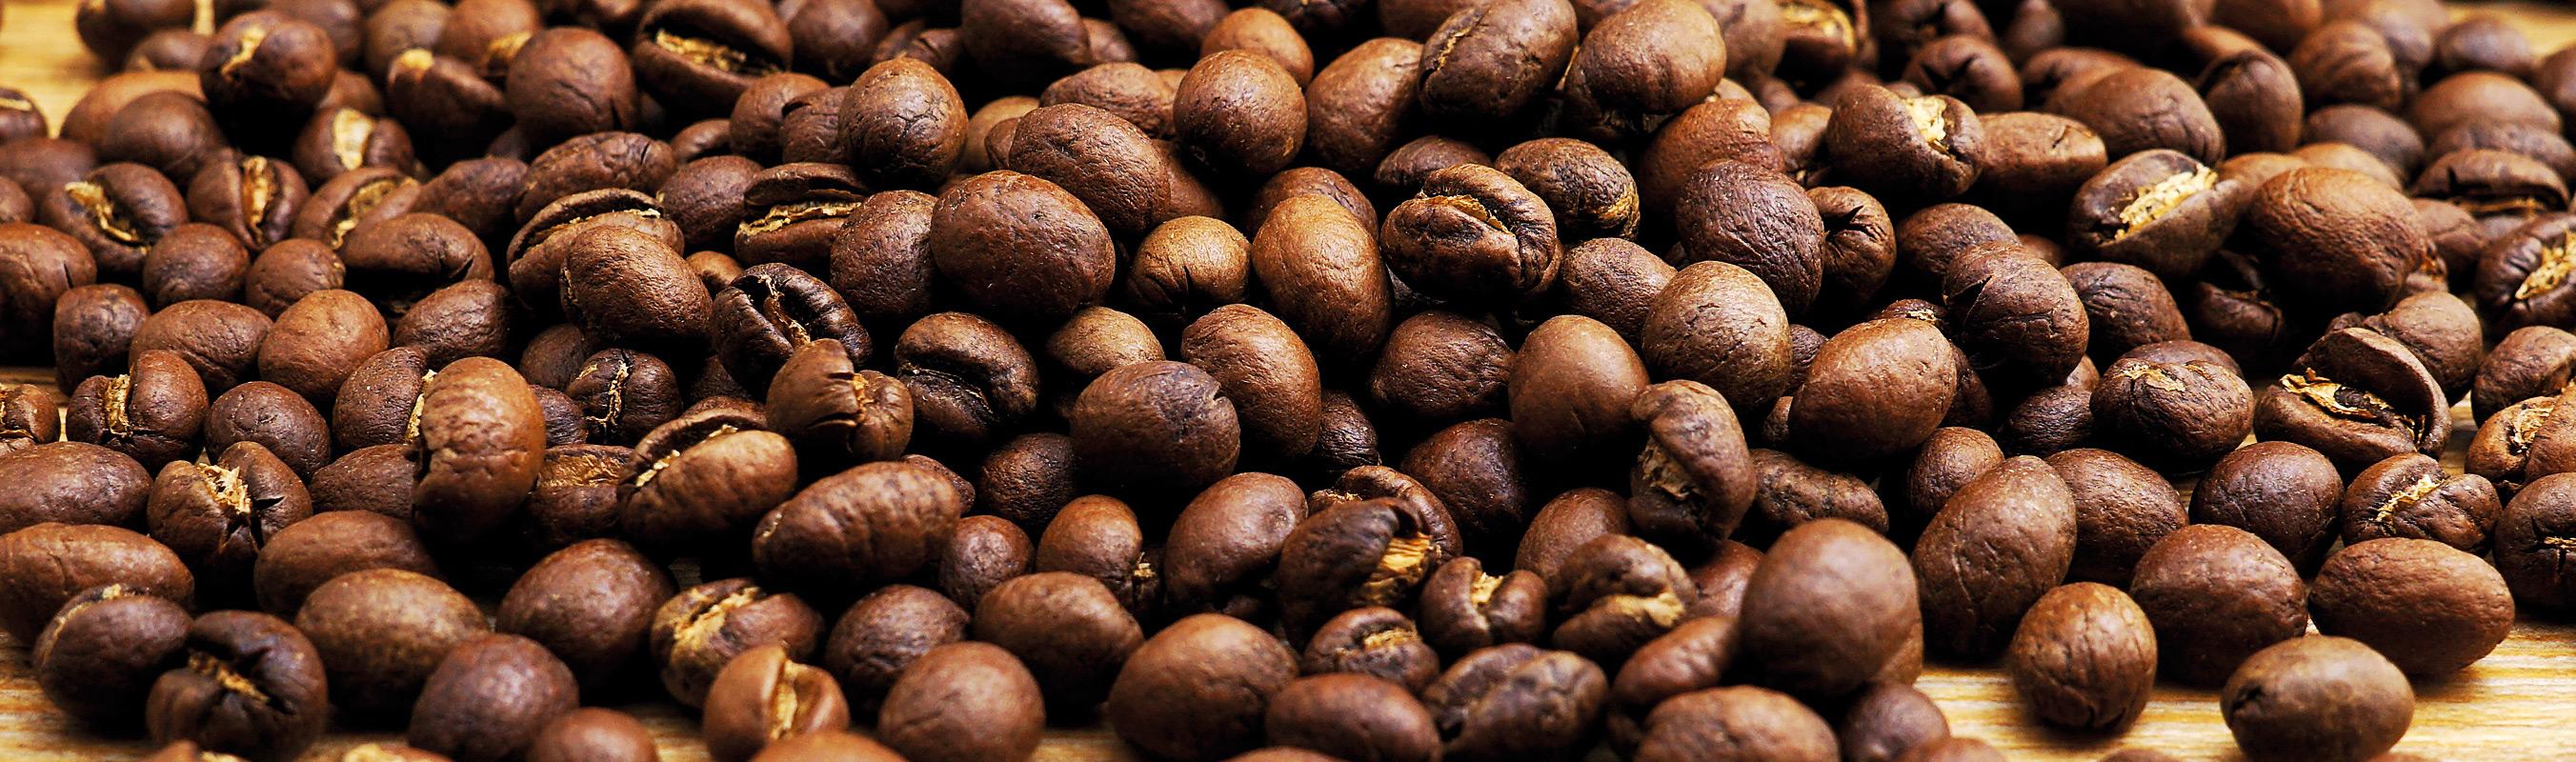 Perlbohne Kaffee kaufen